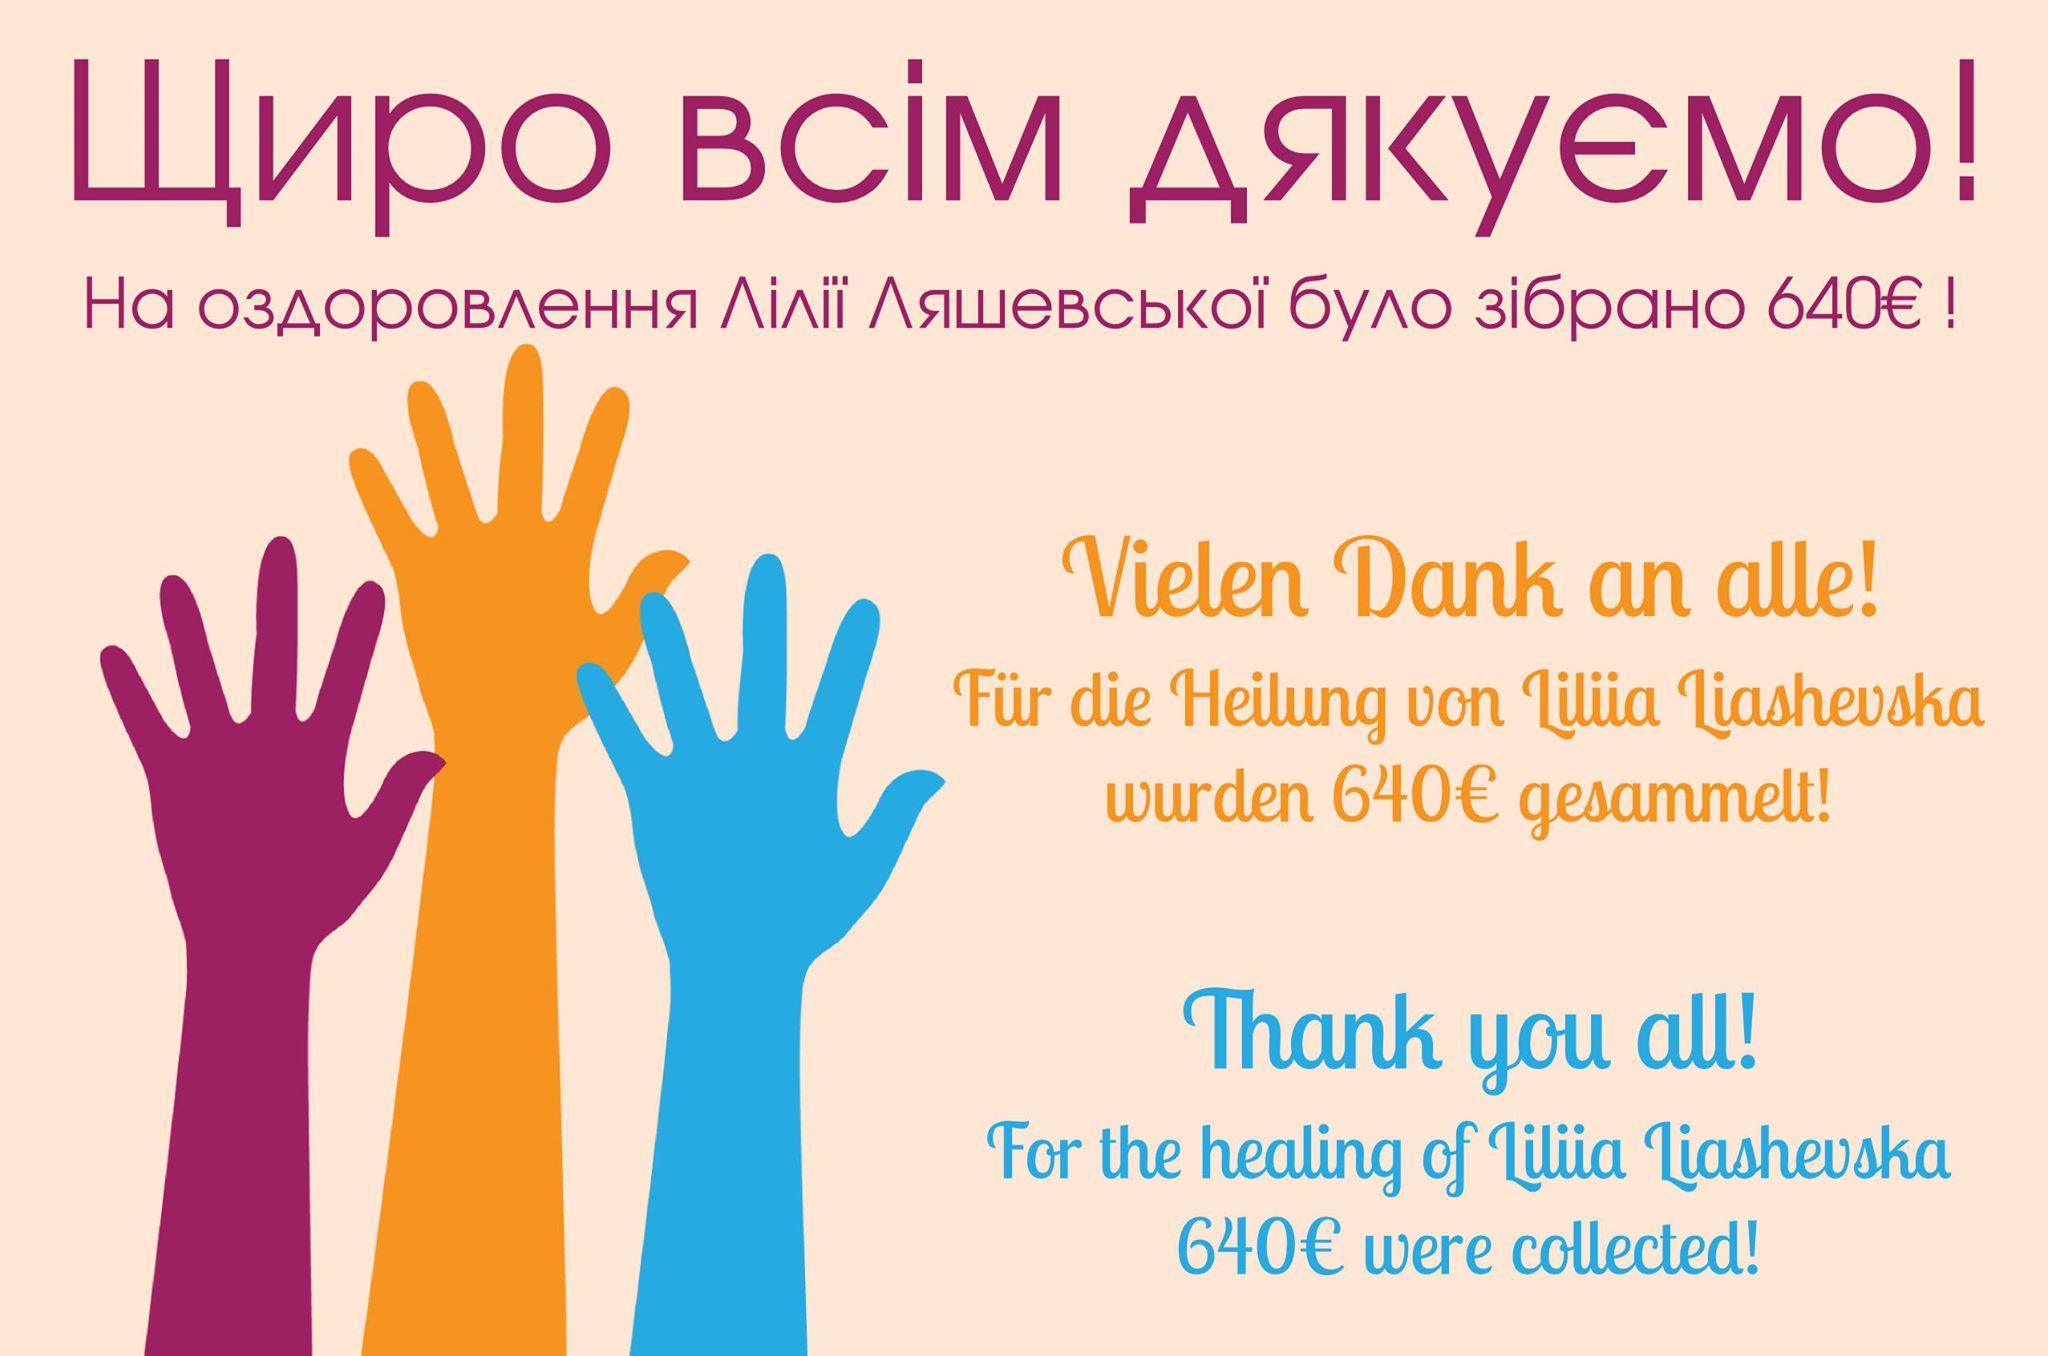 Danke für die Spenden